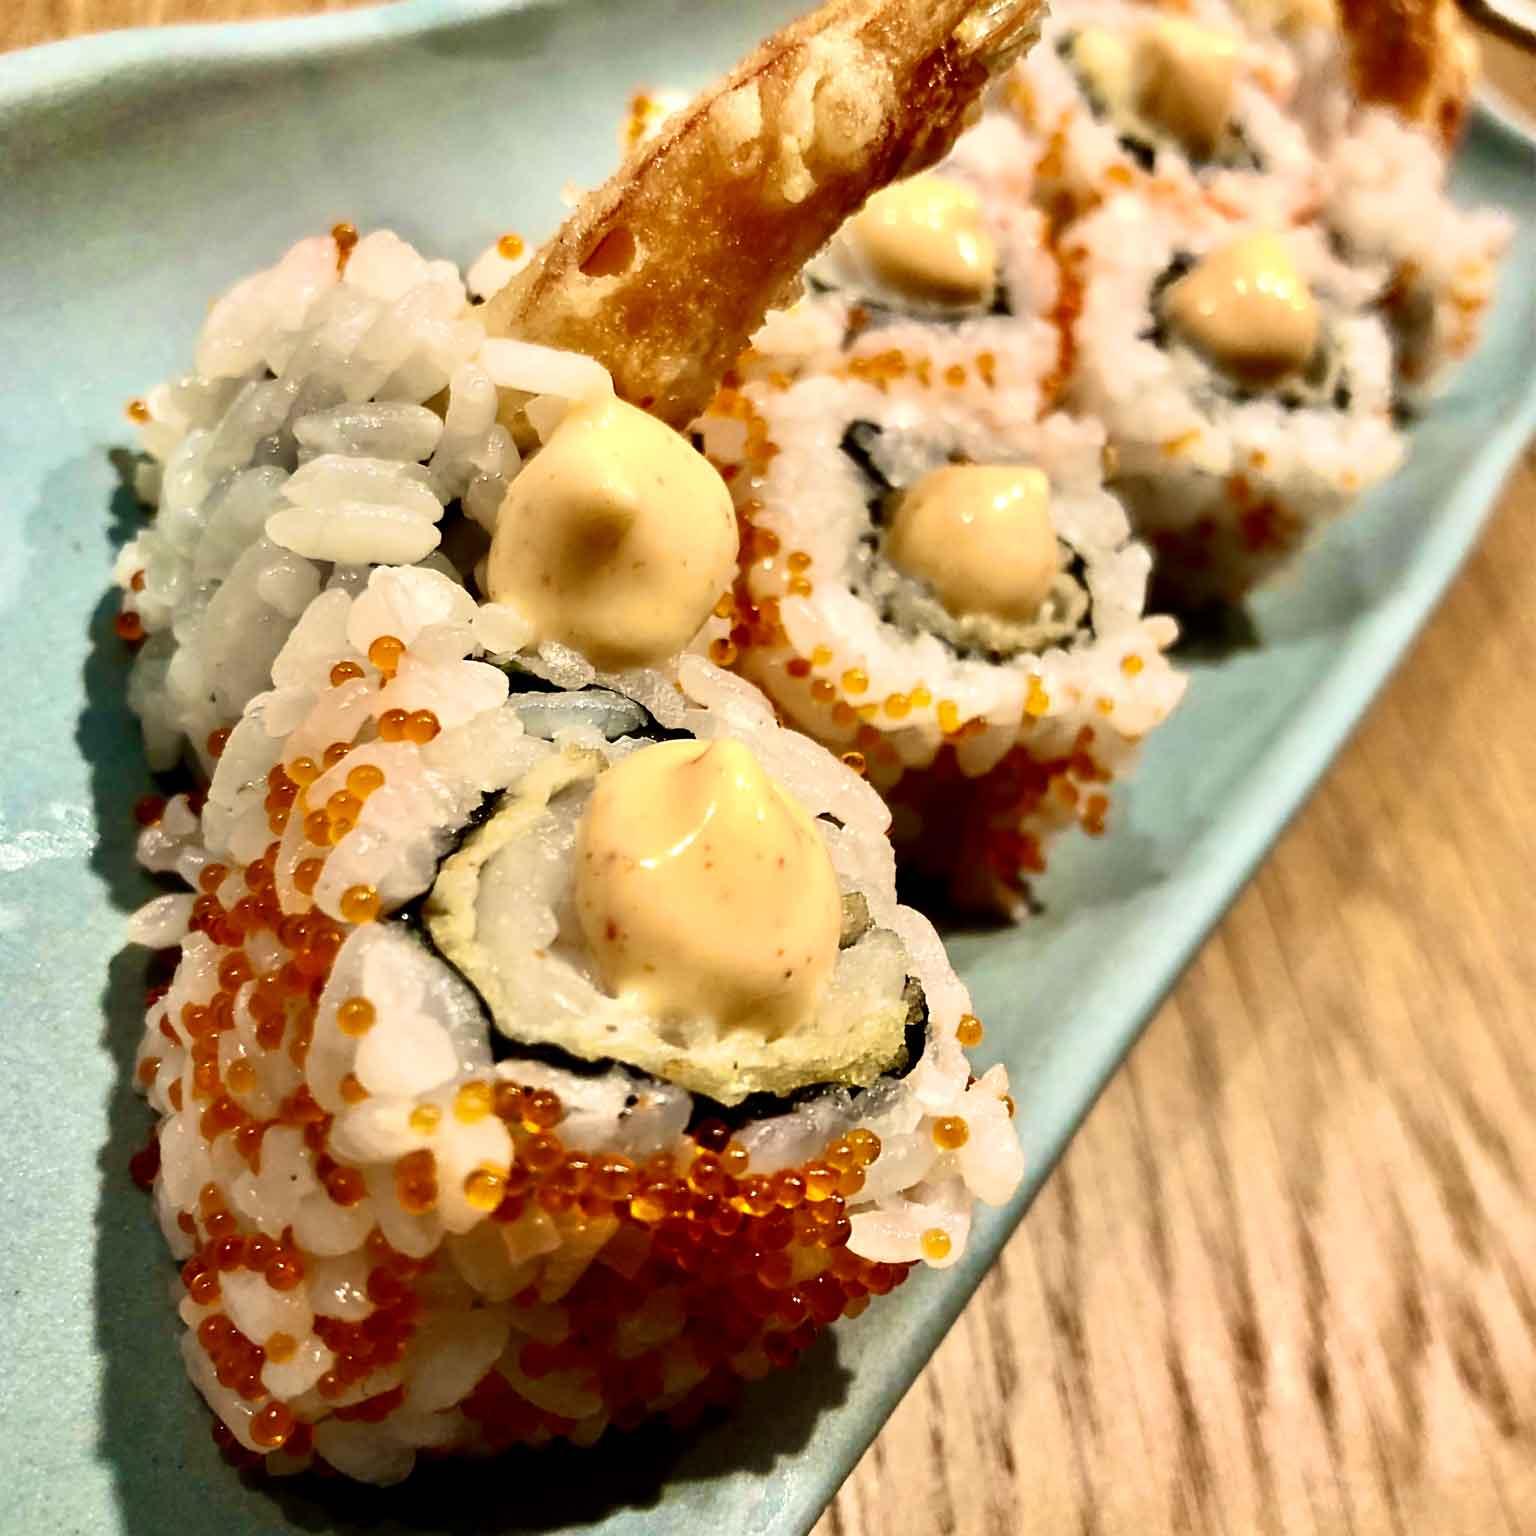 food-gastronomia-tropical-tuna-casa-vacaciones-palmar-alquiler-vacacional